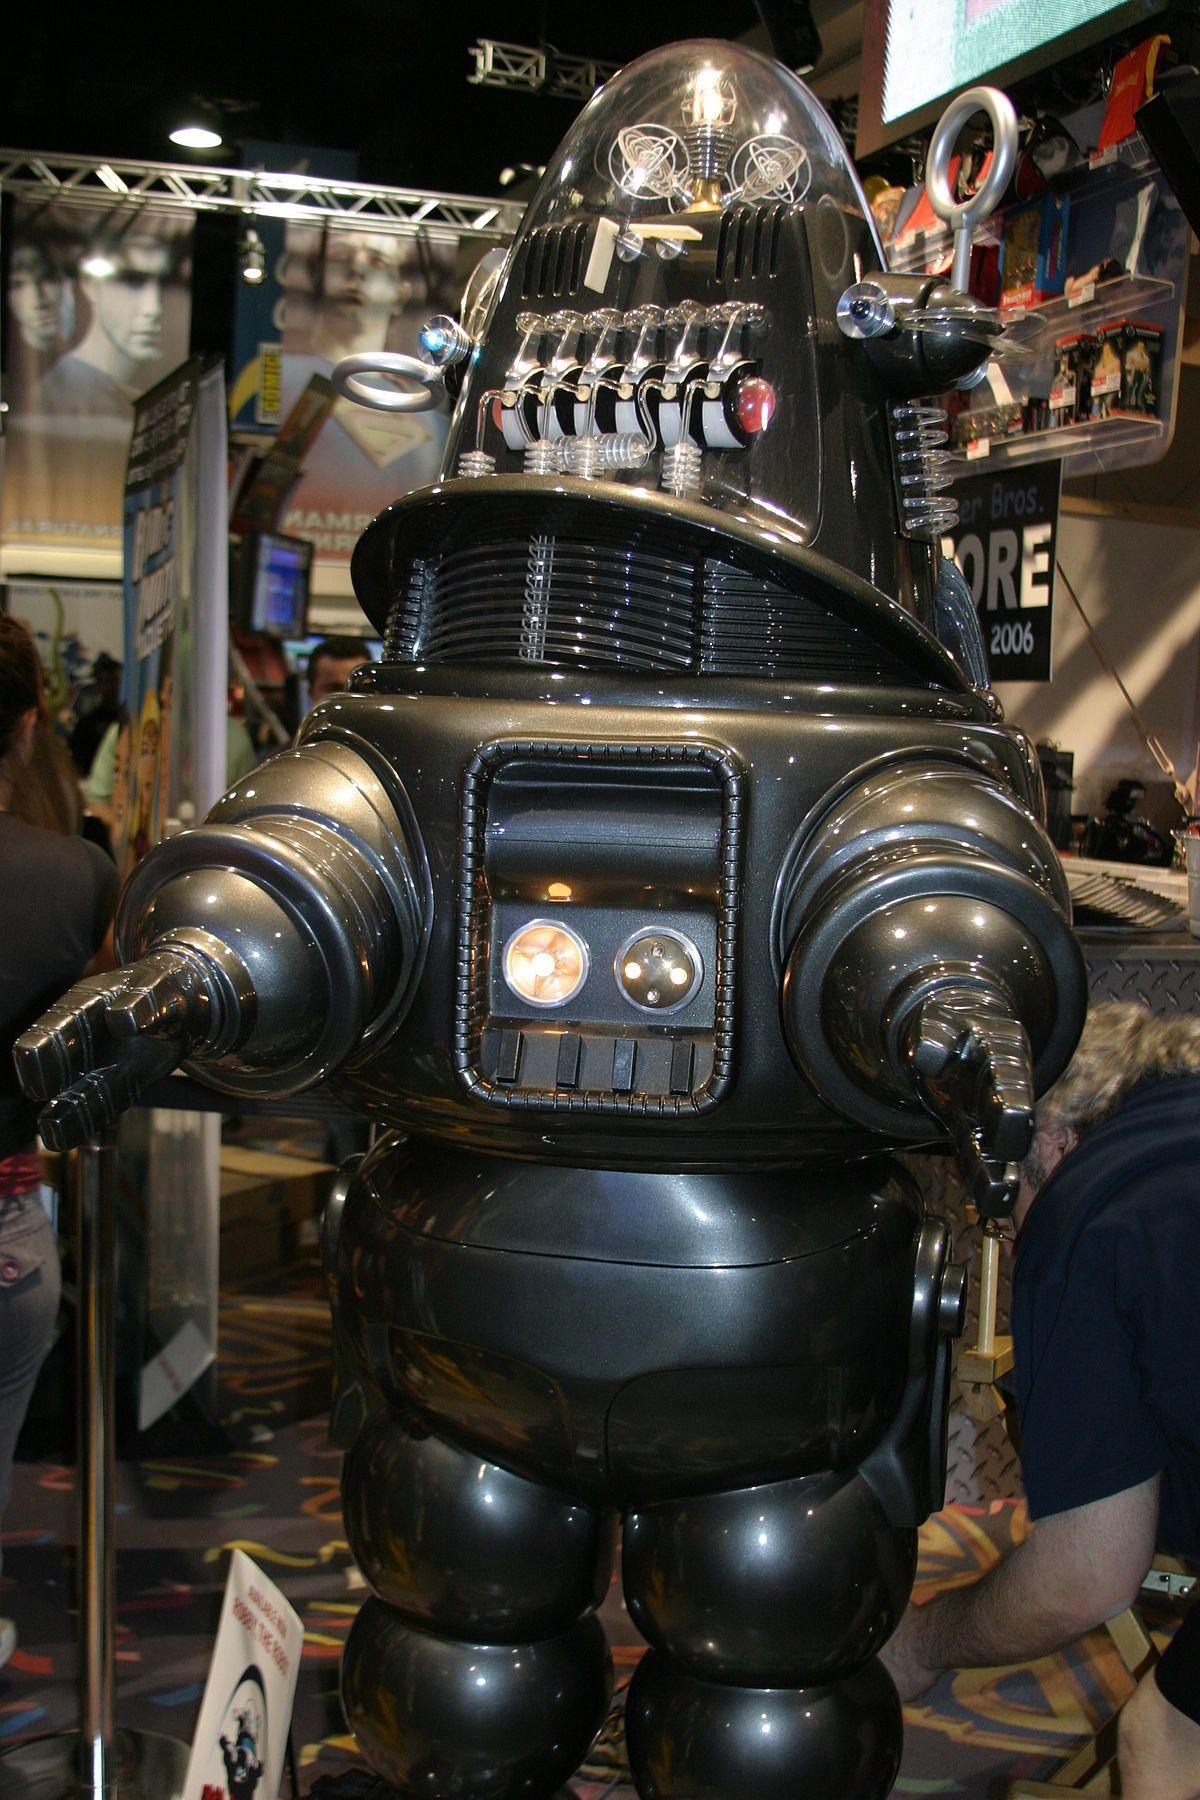 Robby il robot wikipedia cinema